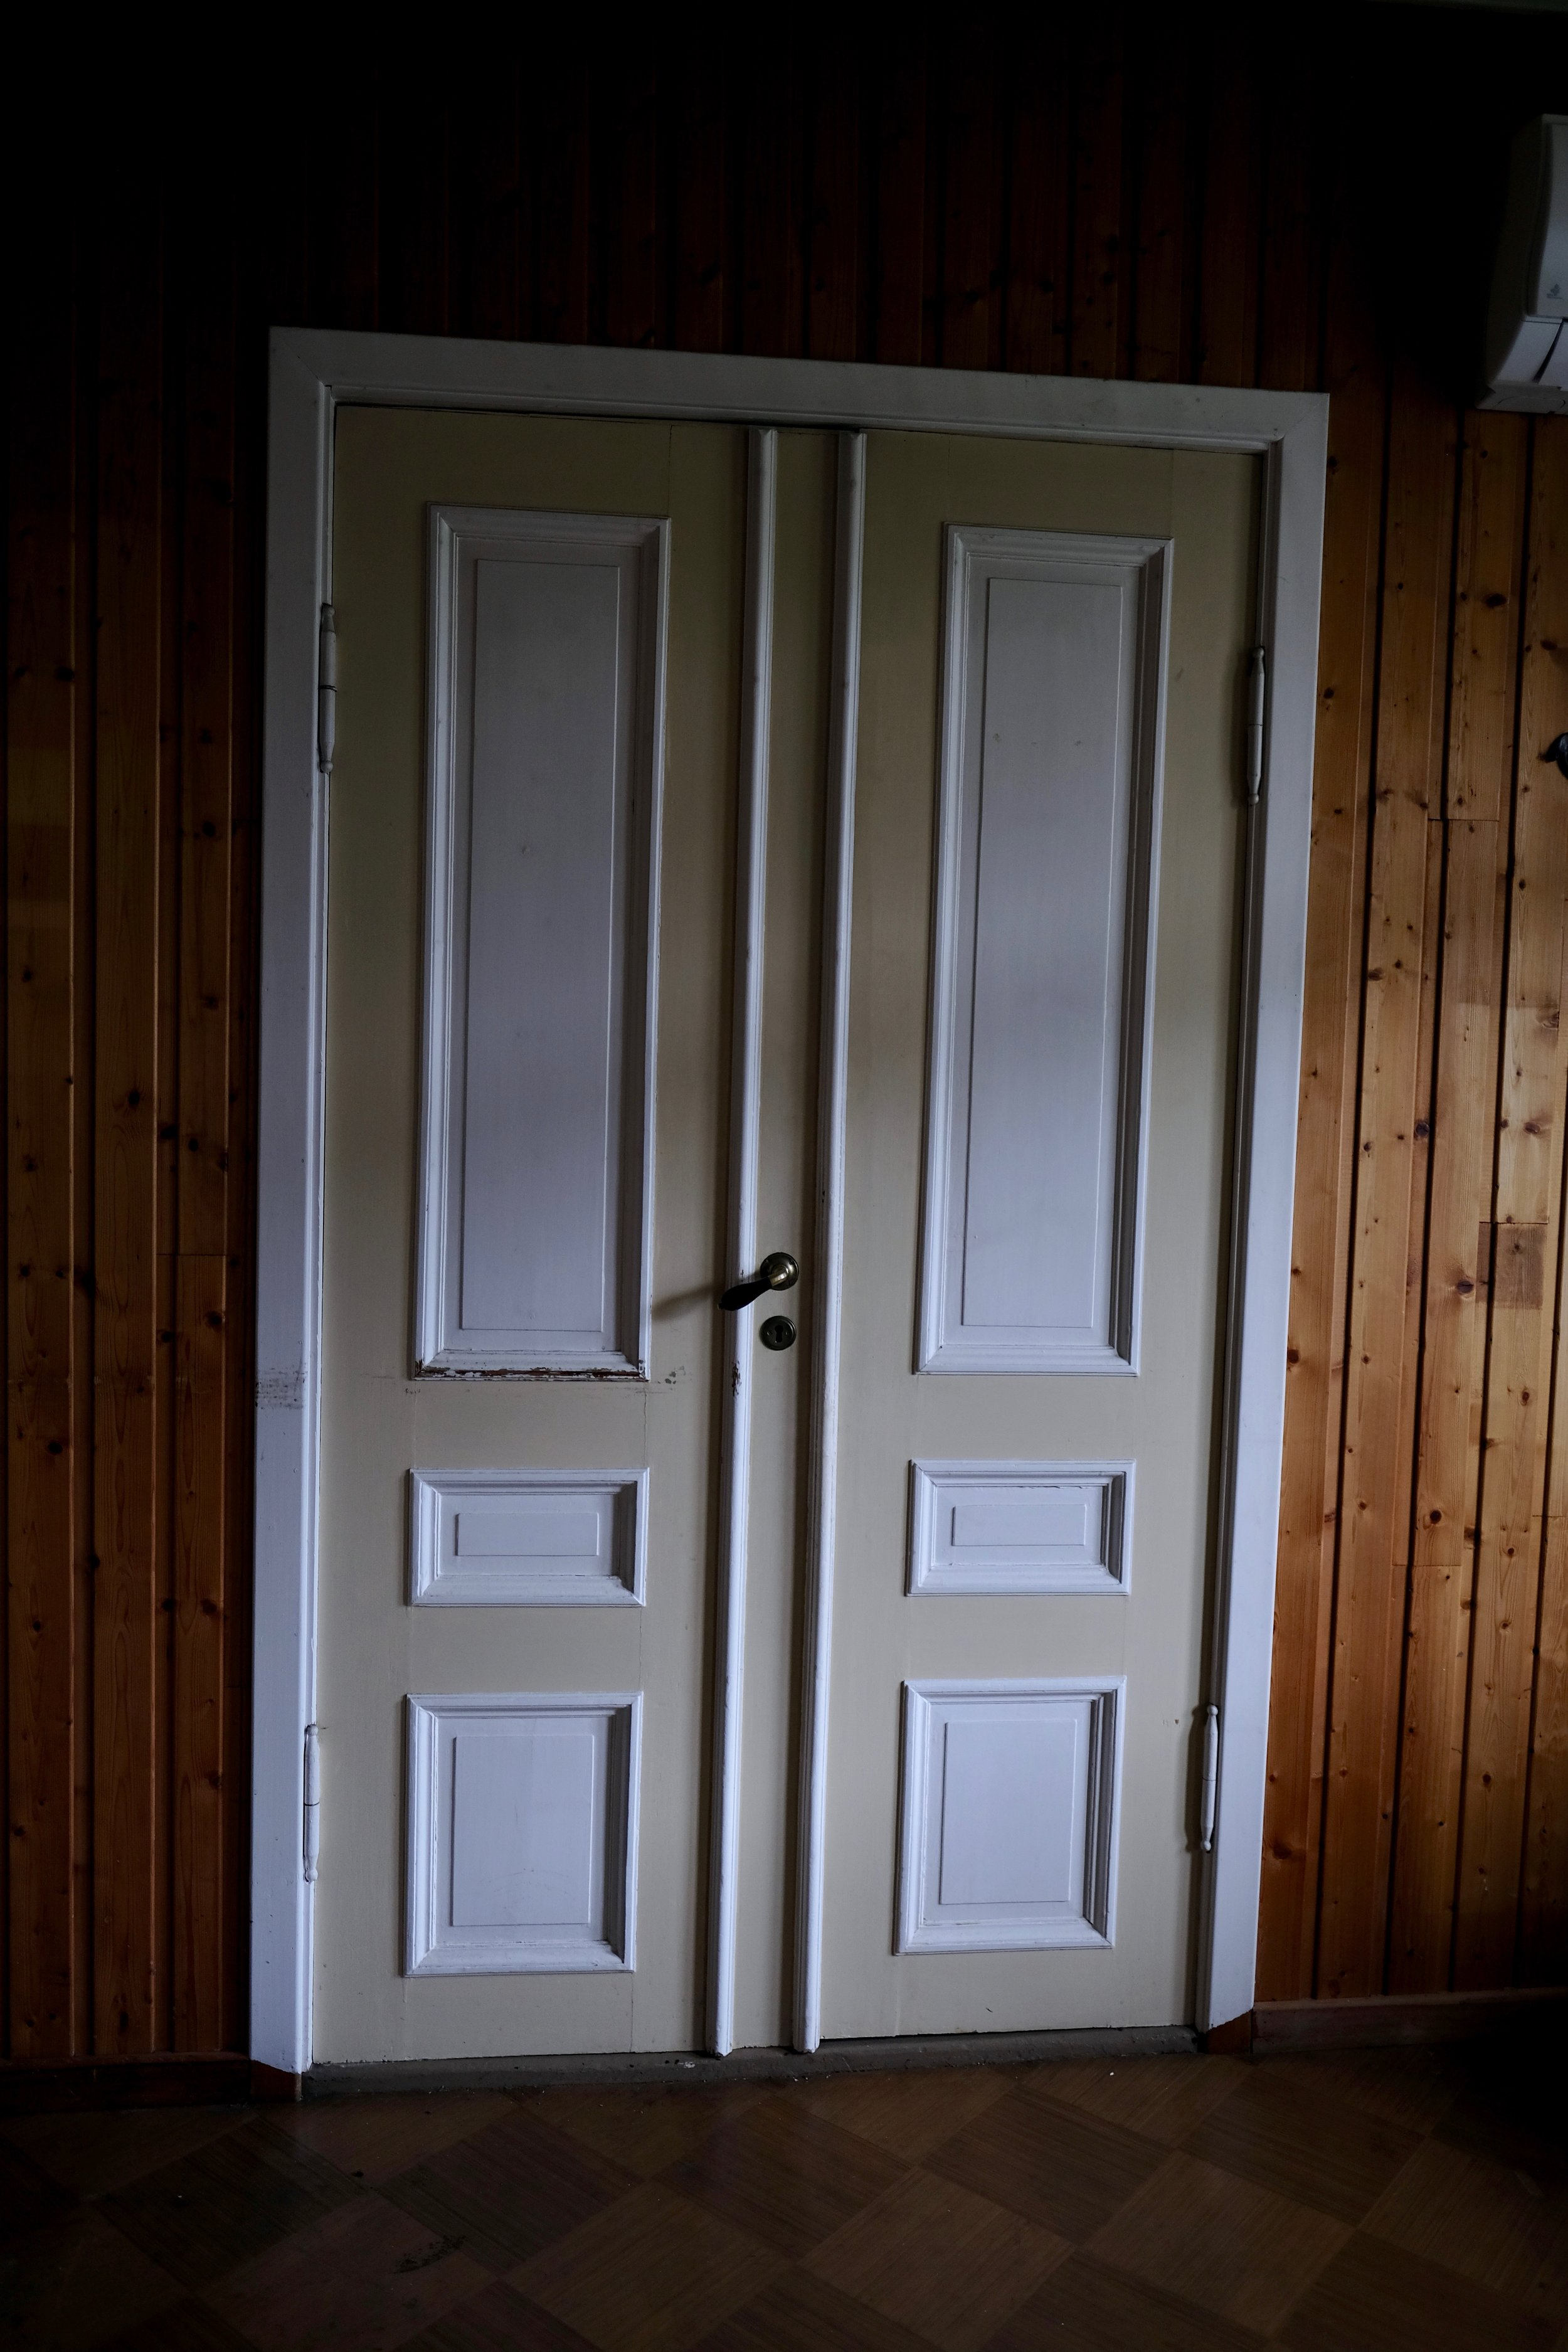 ..medan denne dobbeltdøra har vorte prega av 60-talet og har fått andre lister. Heldigvis fann me dei gamle utskjeringane på loftet.